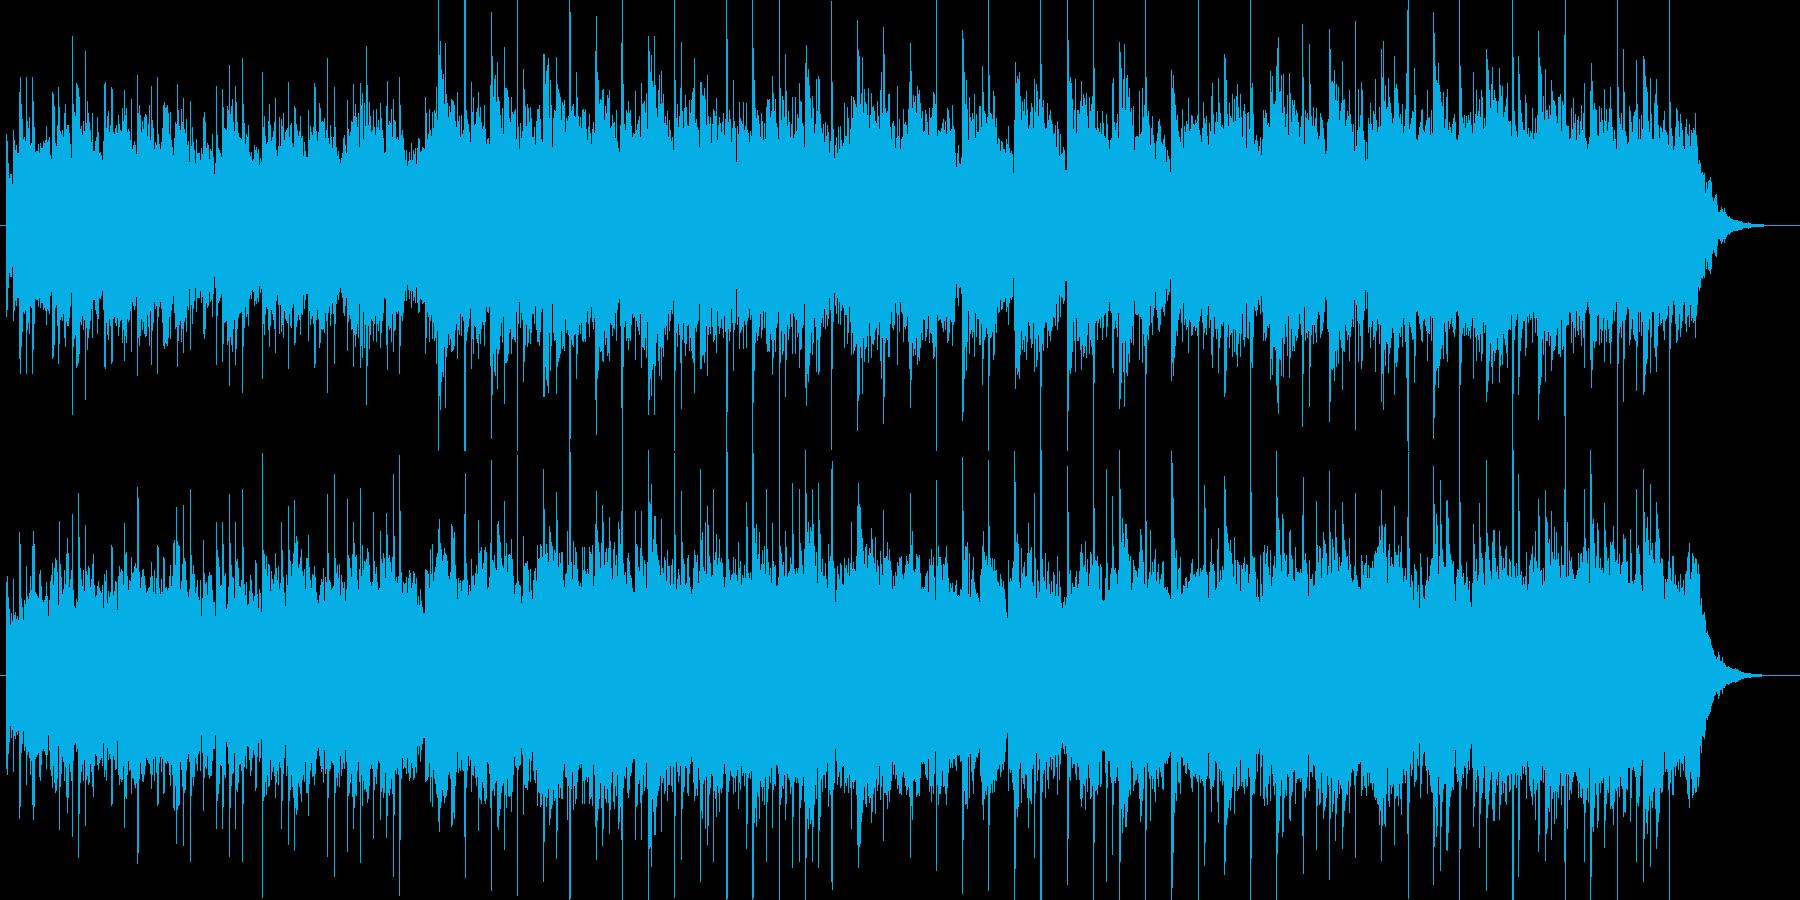 琴、ヴァイオリン、切なく壮大な和風BGMの再生済みの波形